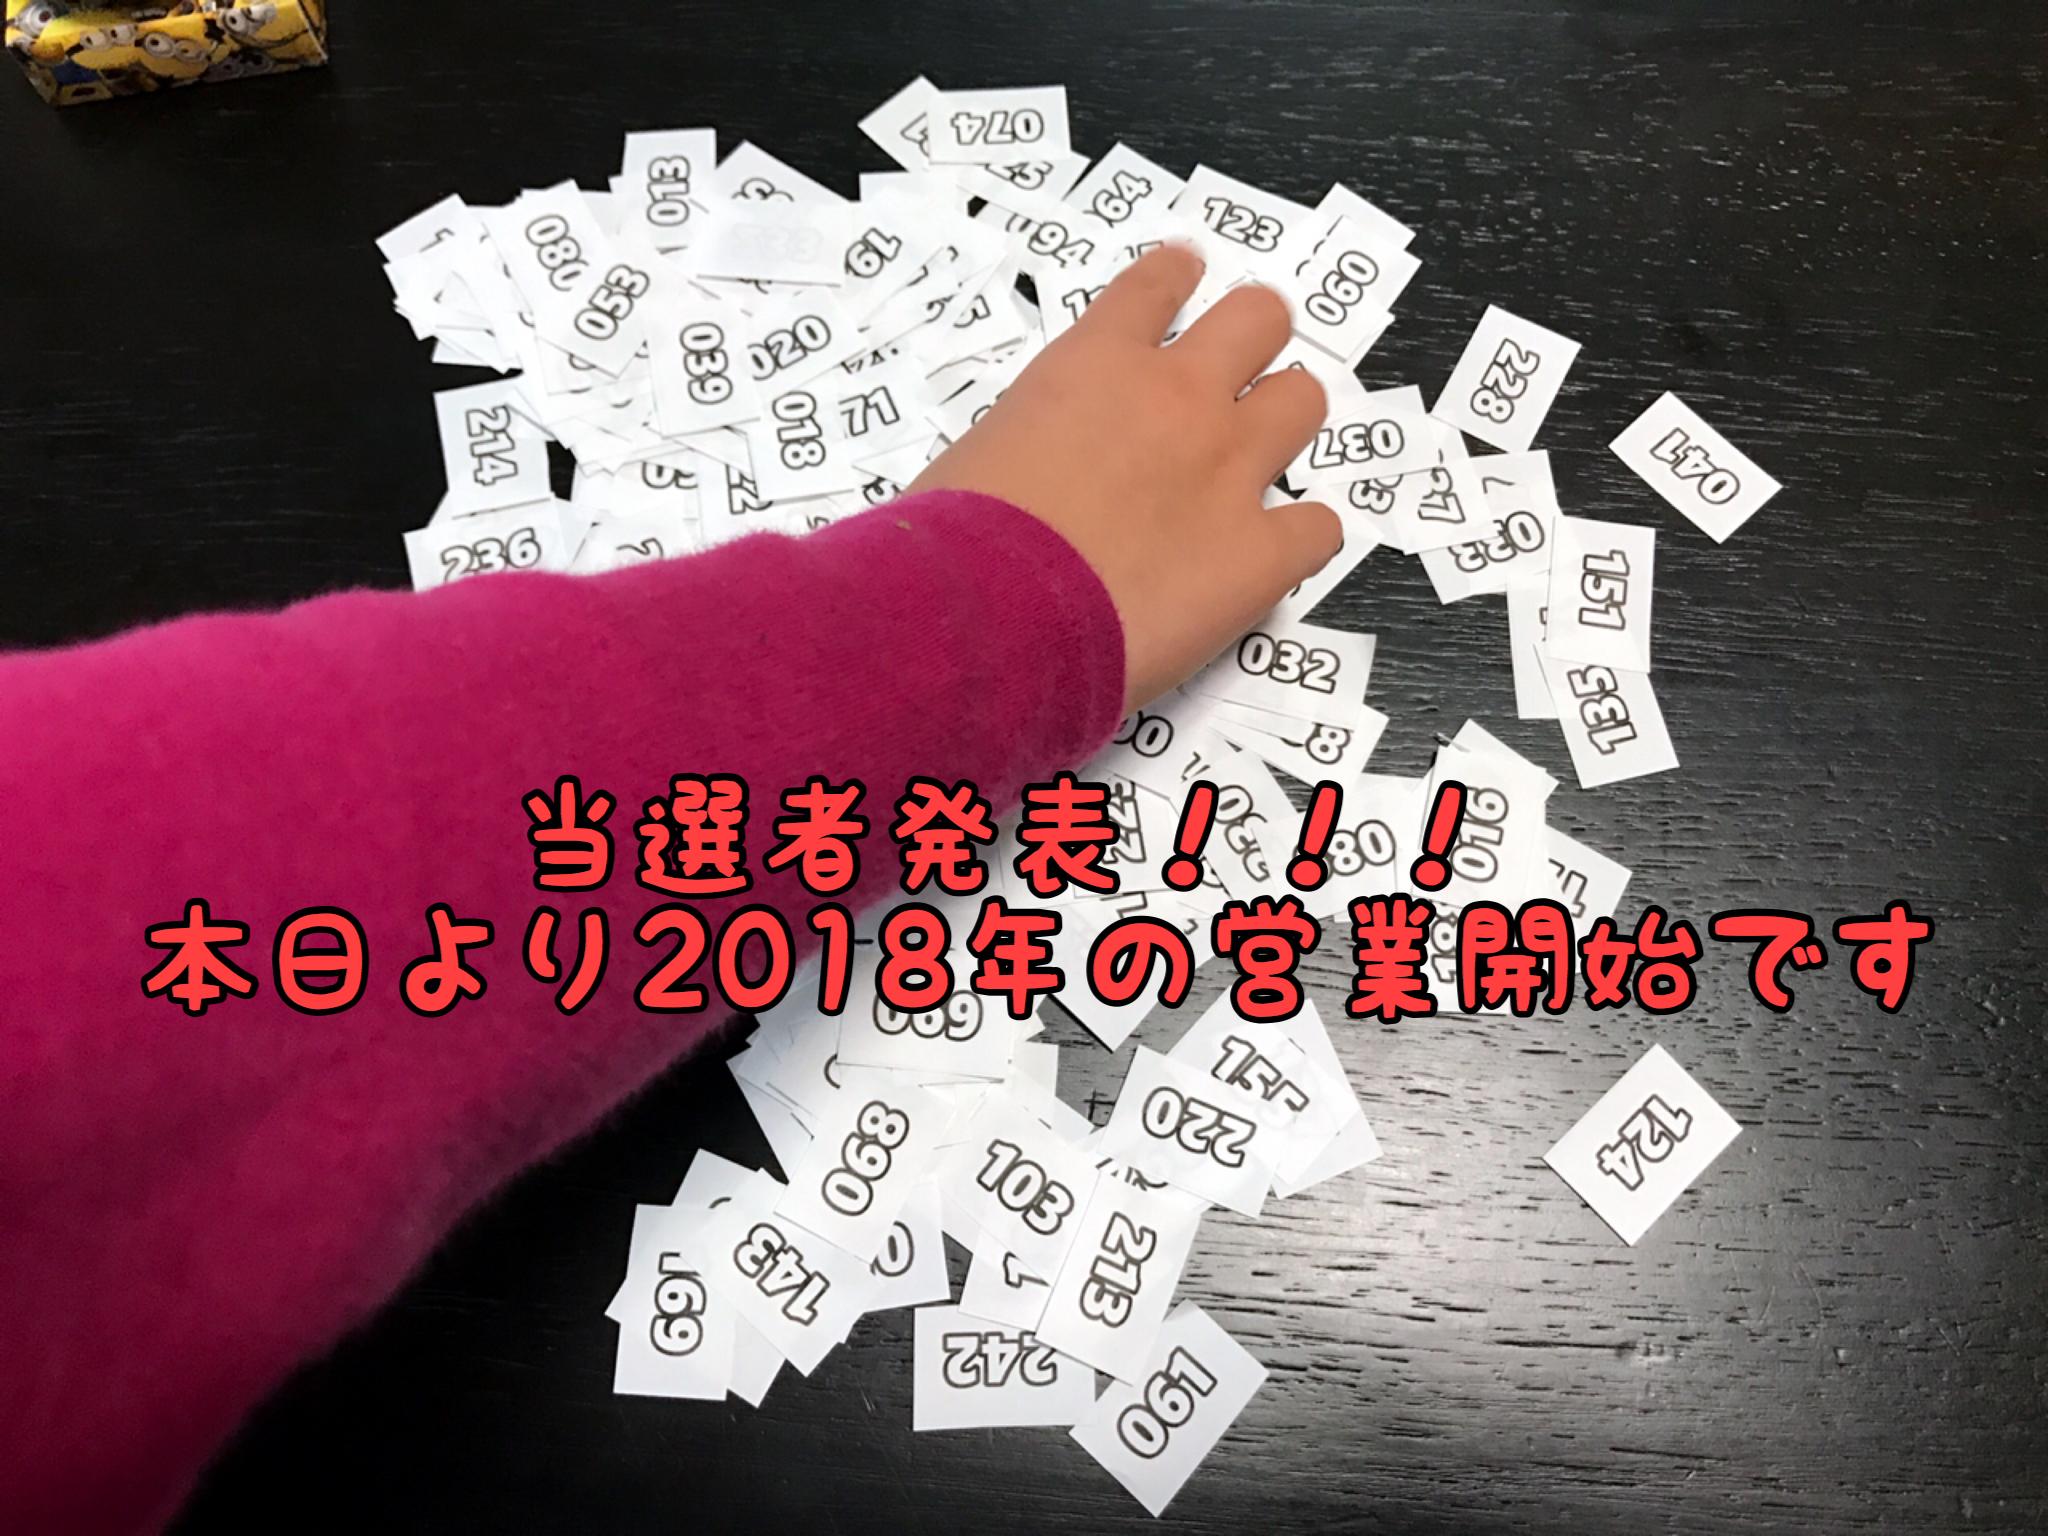 【大抽選会】2018年の営業を本日よりスタート!いますぐ財布の中をチェック!!